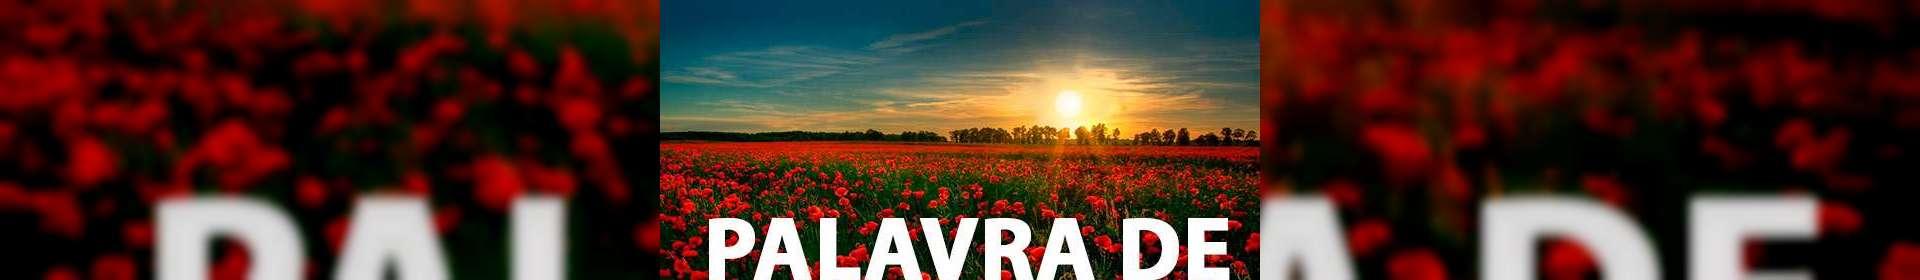 Salmos 23:1 - Uma Palavra de Esperança para sua vida